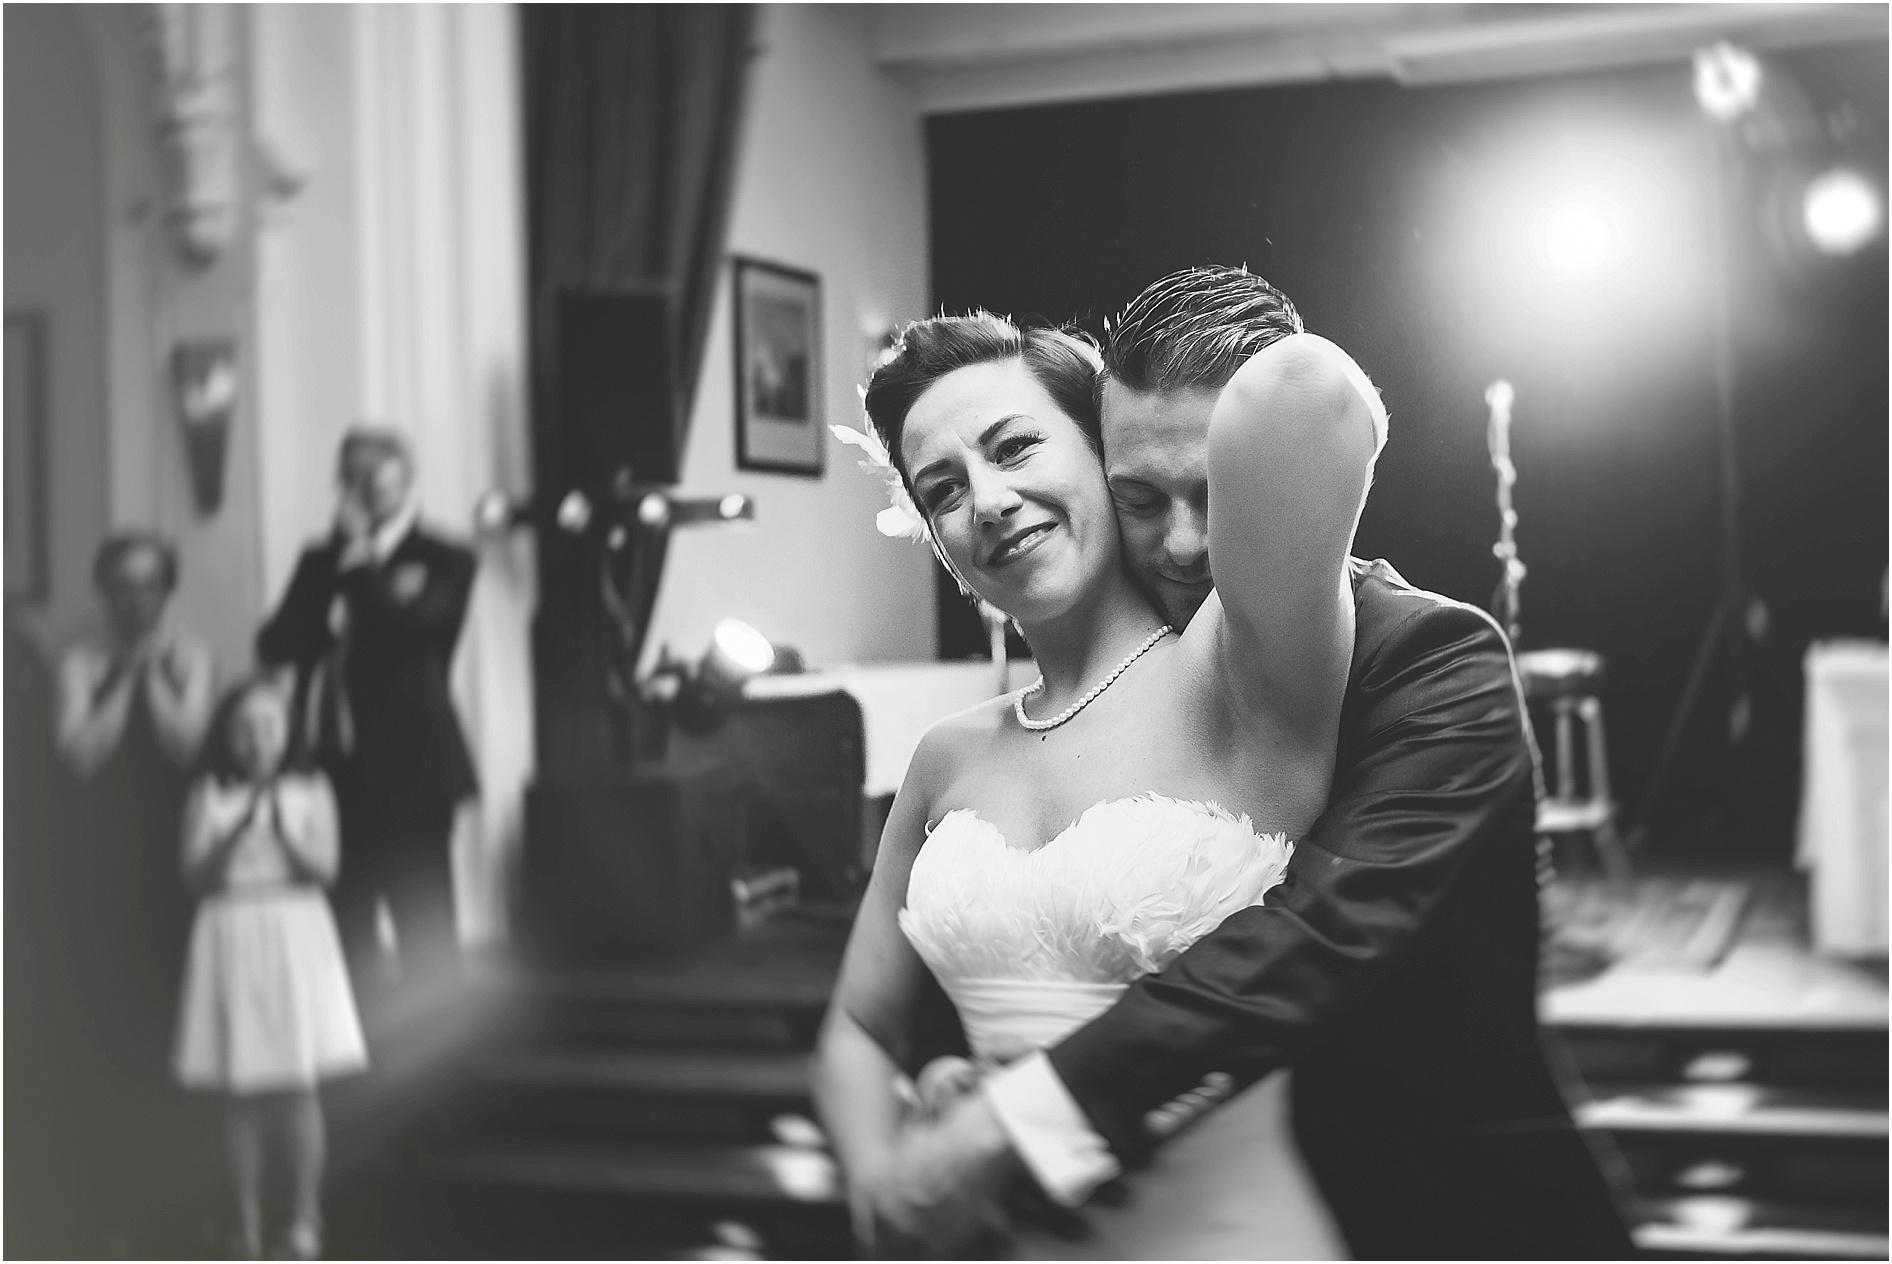 2015-10-27_0106 Tine & Chrischan - Hochzeitsfilm & Fotos in Lüneburg